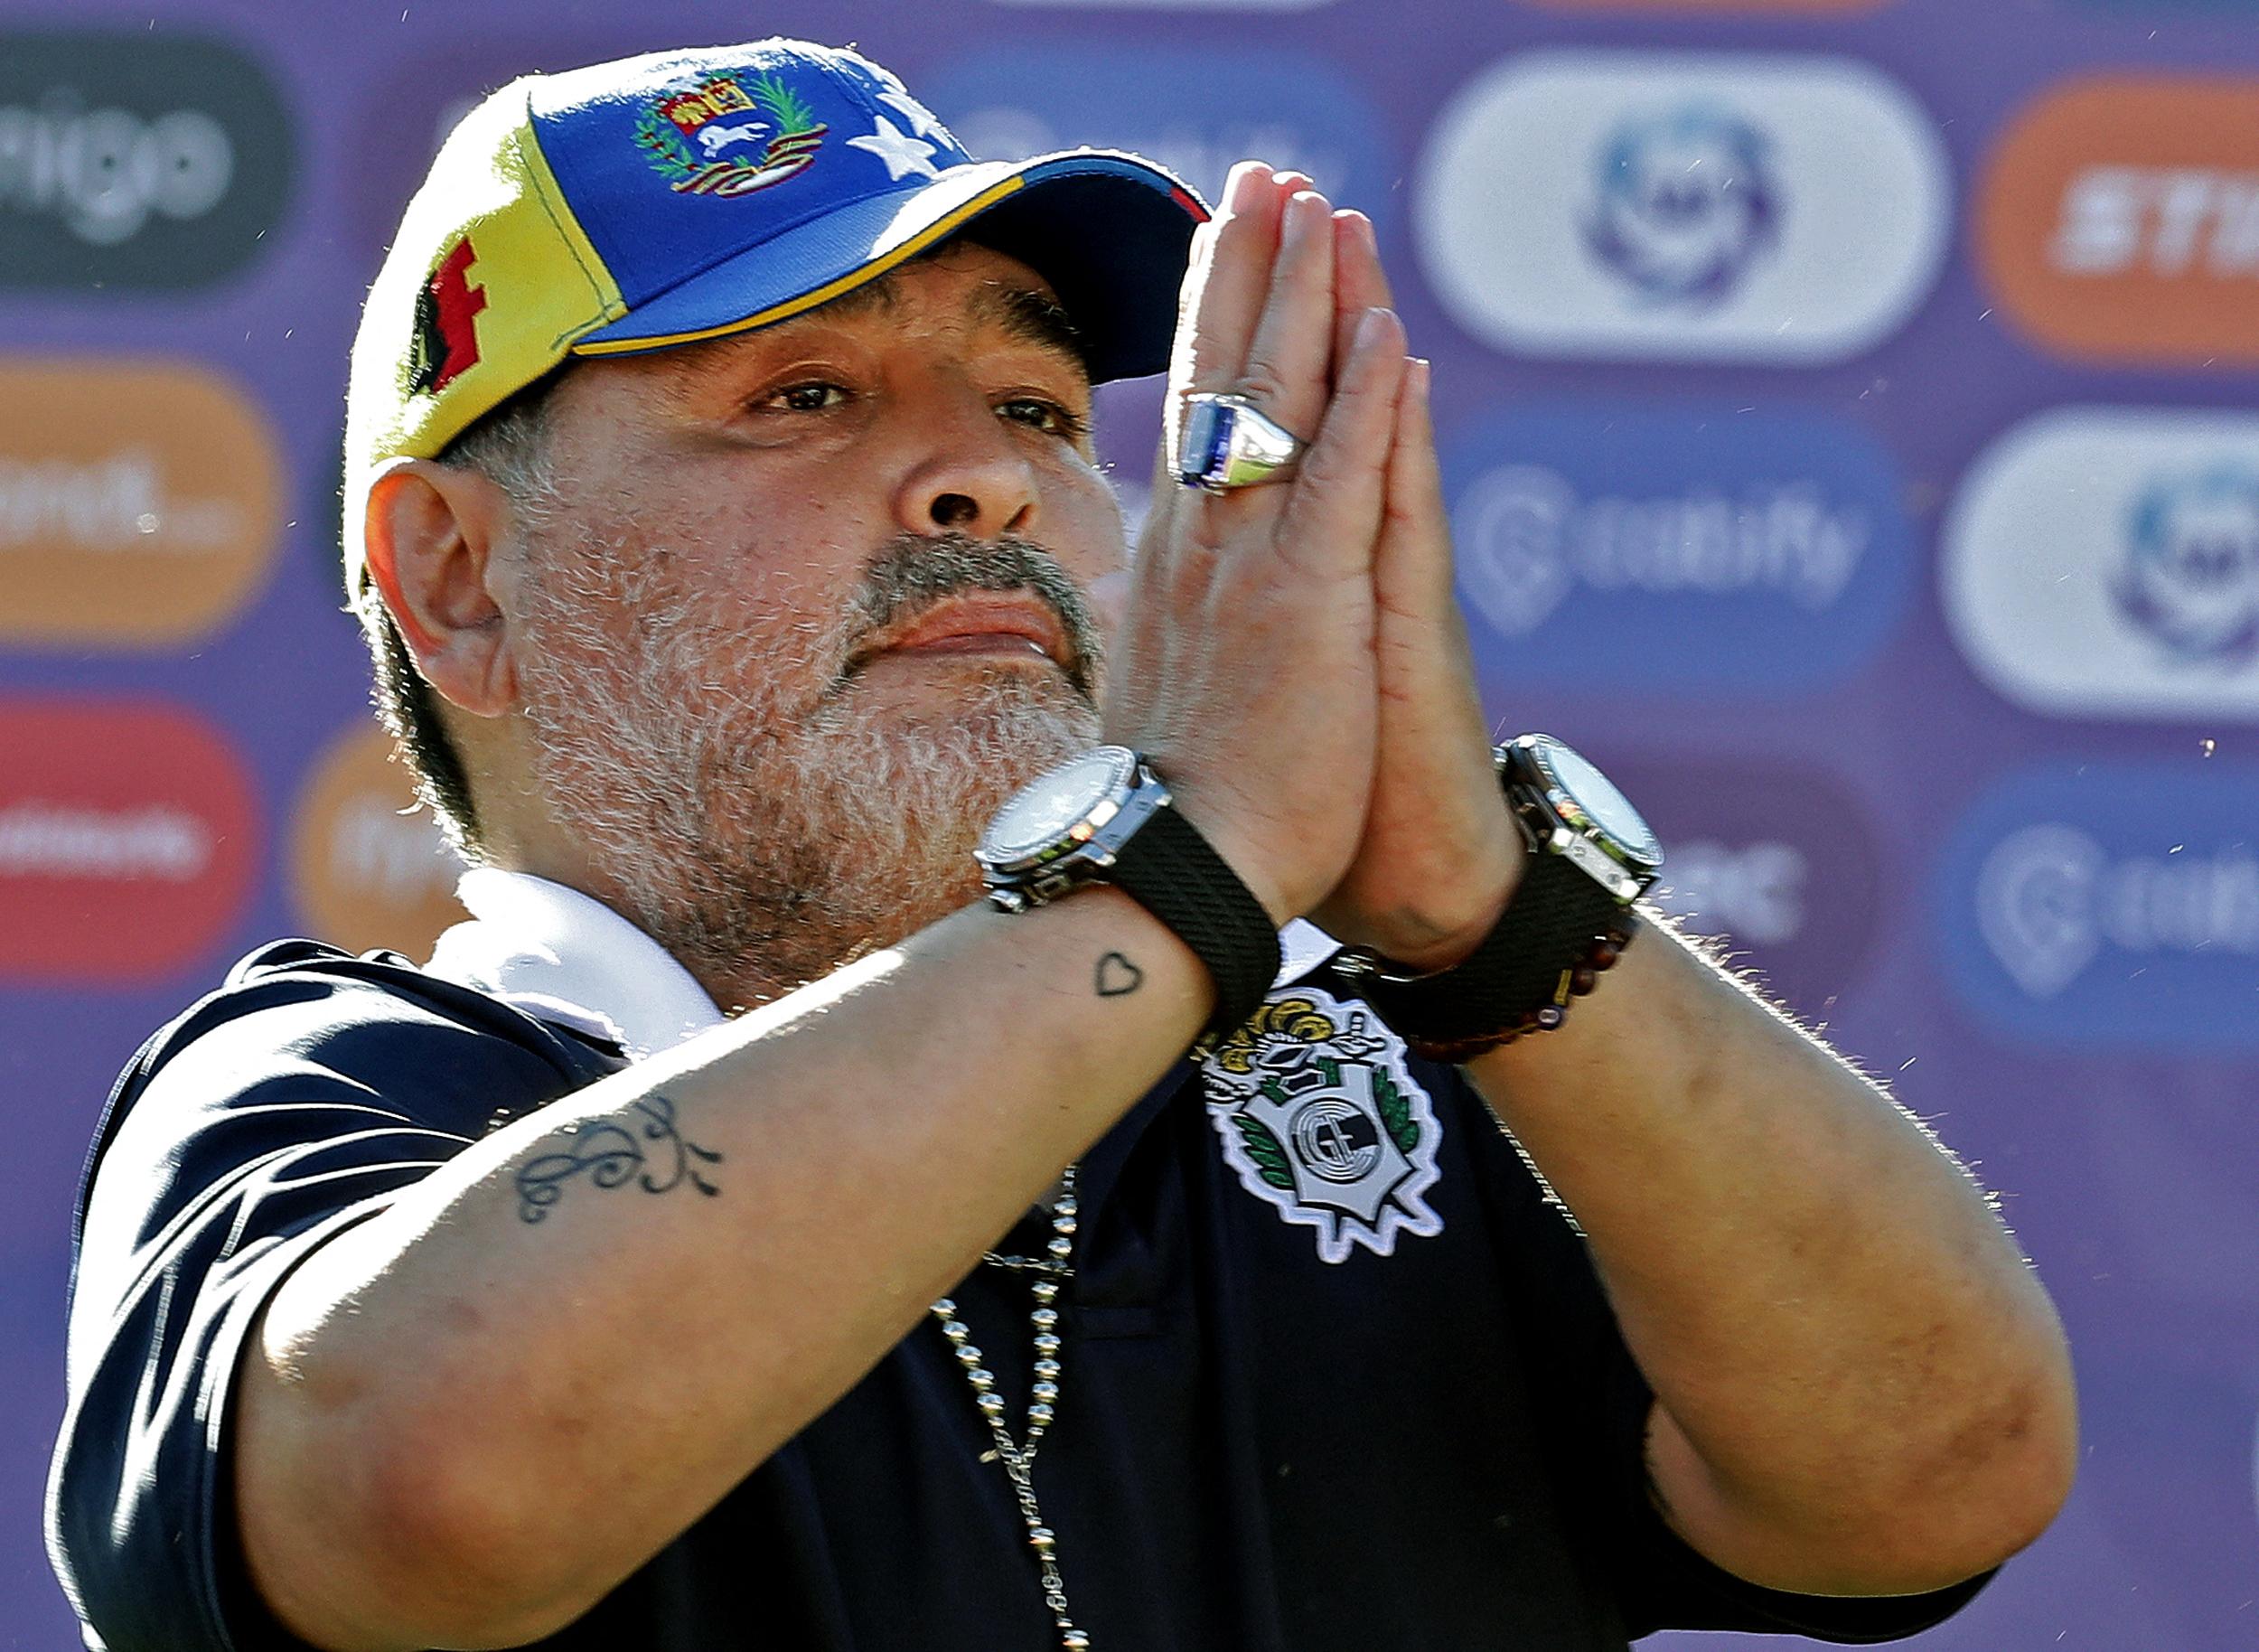 (Maradona morreu em 25 de novembro de 2020 durante sua convalescença em uma casa nos arredores de Buenos Aires, após uma cirurgia bem-sucedida na cabeça para remover um hematoma. Foto: ALEJANDRO PAGNI / AFP)